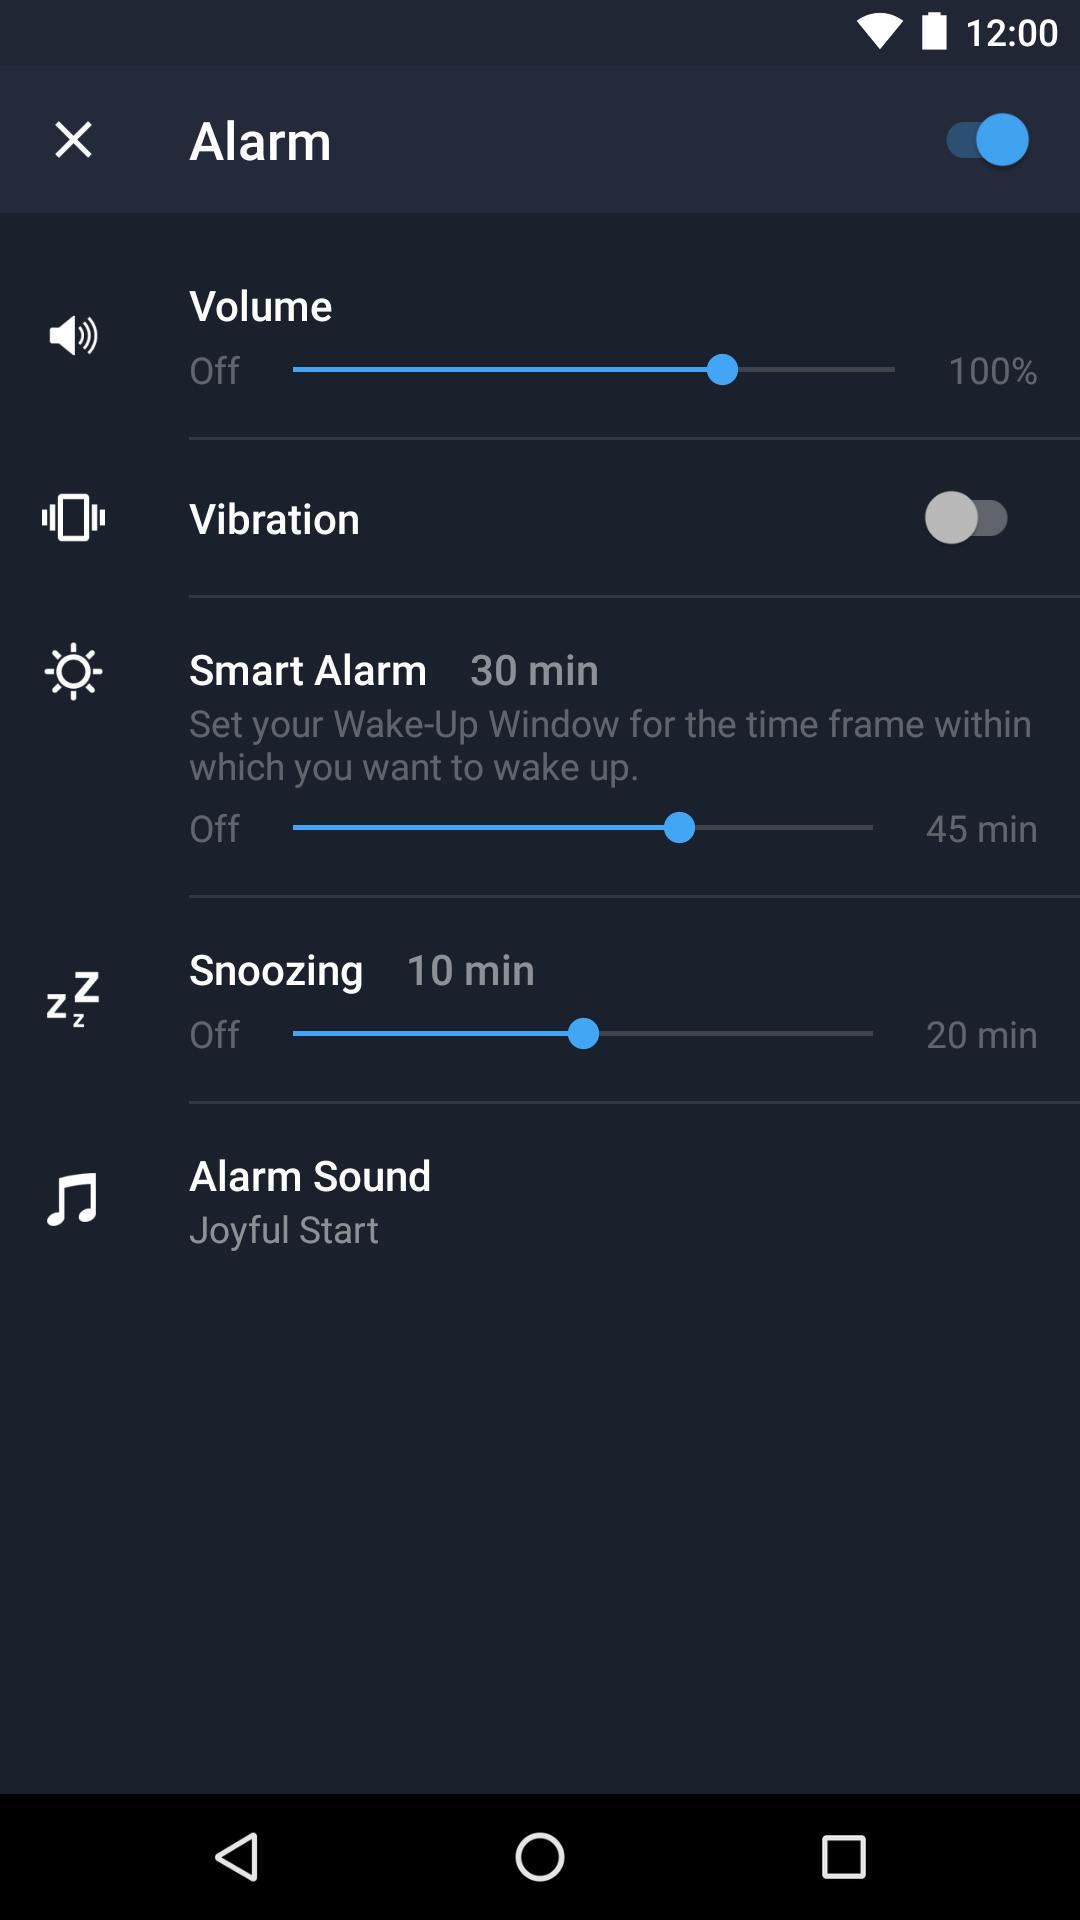 Runtastic Sleep Better: Sleep Cycle & Smart Alarm 2.6.1 Screenshot 8